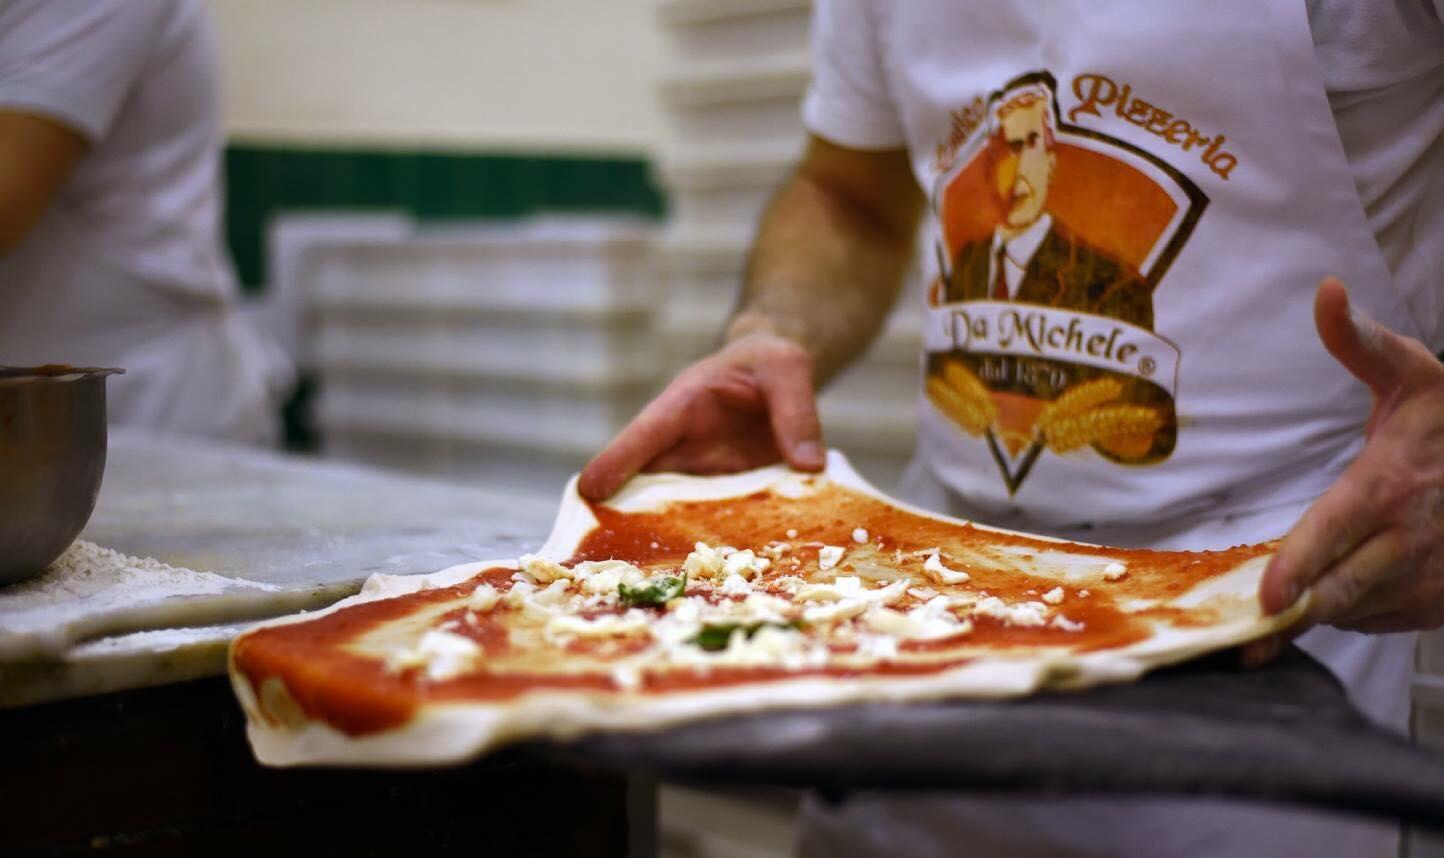 L'Antica Pizzeria da Michele punta su giovani e  territorio con borse di studio e progetti di solidarietà